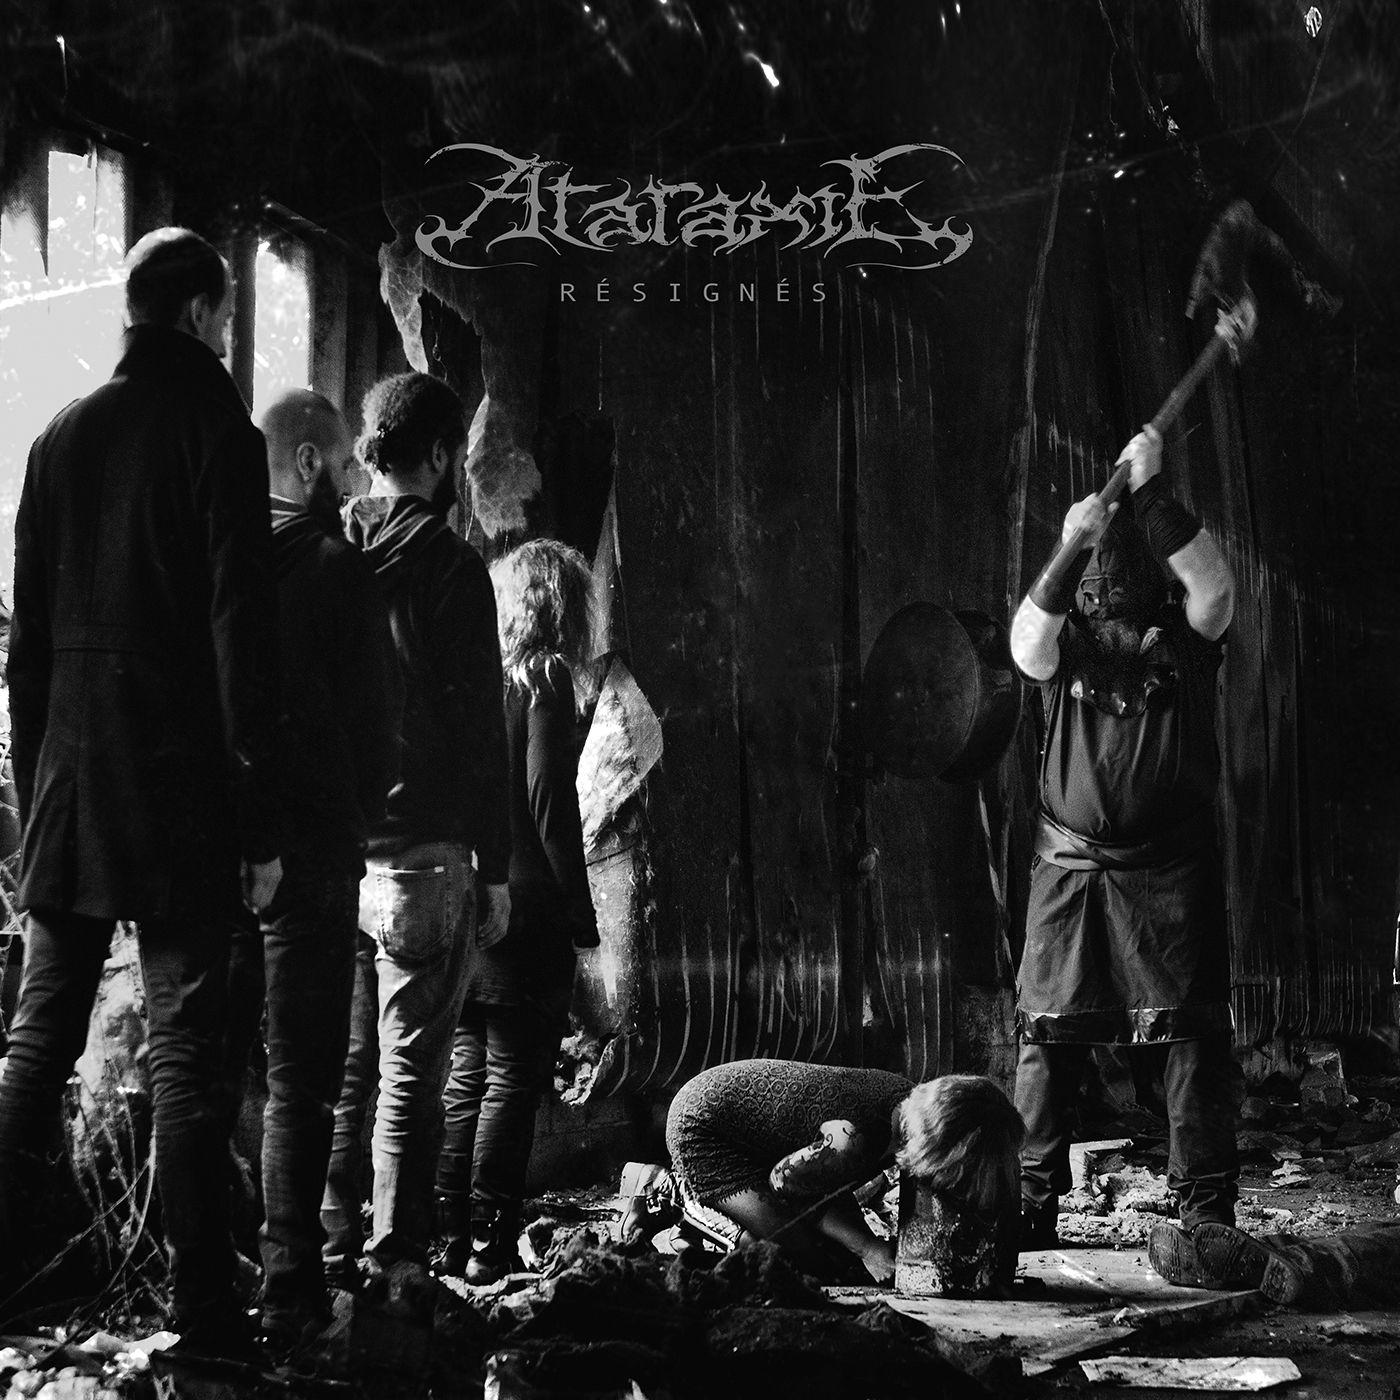 Reviews for Ataraxie - Résignés